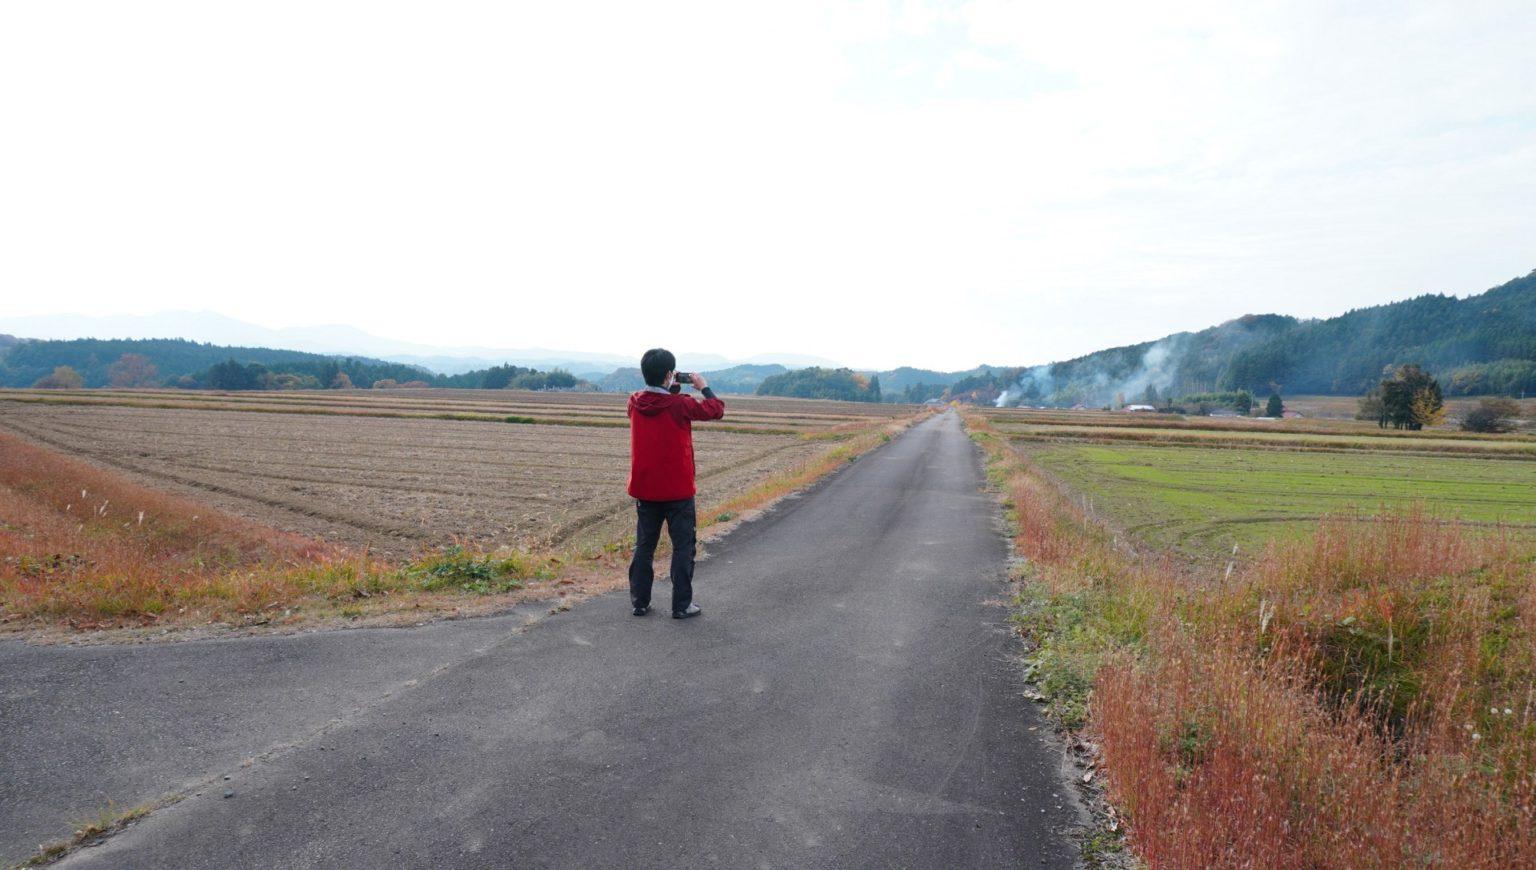 今回の舞台は萩市むつみ地域。山中に広大な田園風景が広がっています。なぜ?